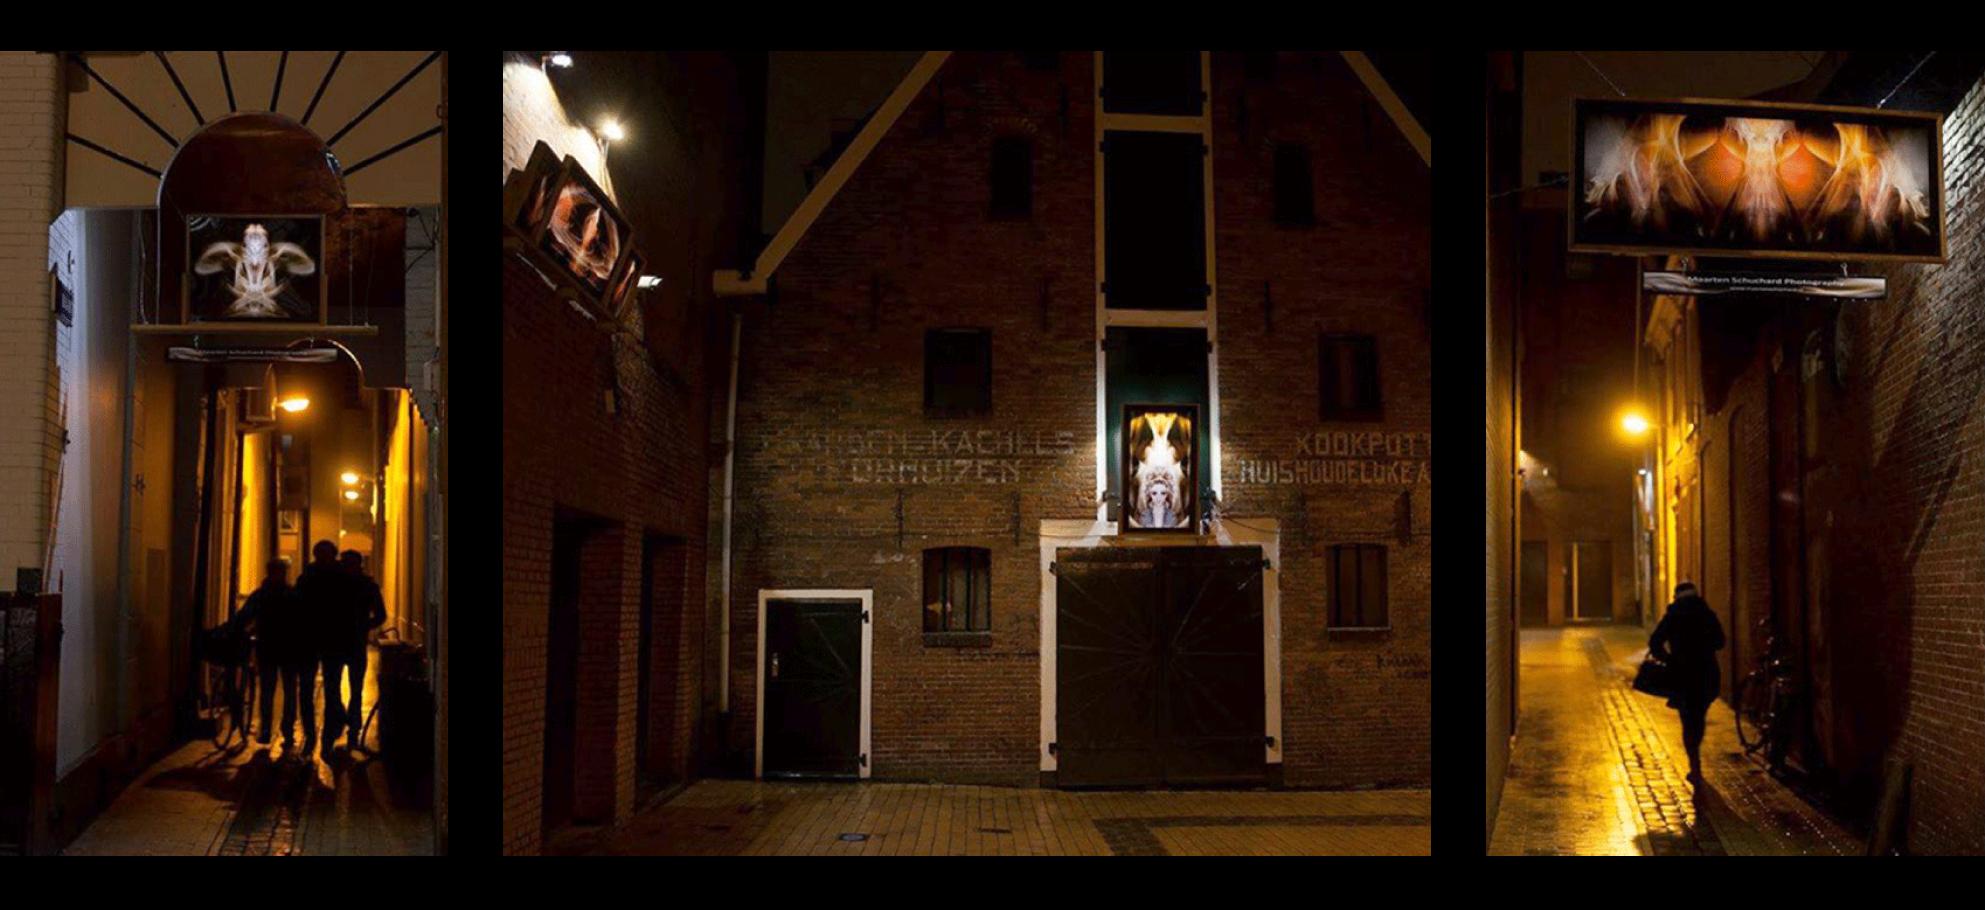 Gemeente Groningen 2015 - Art installation Stadsverlichting I